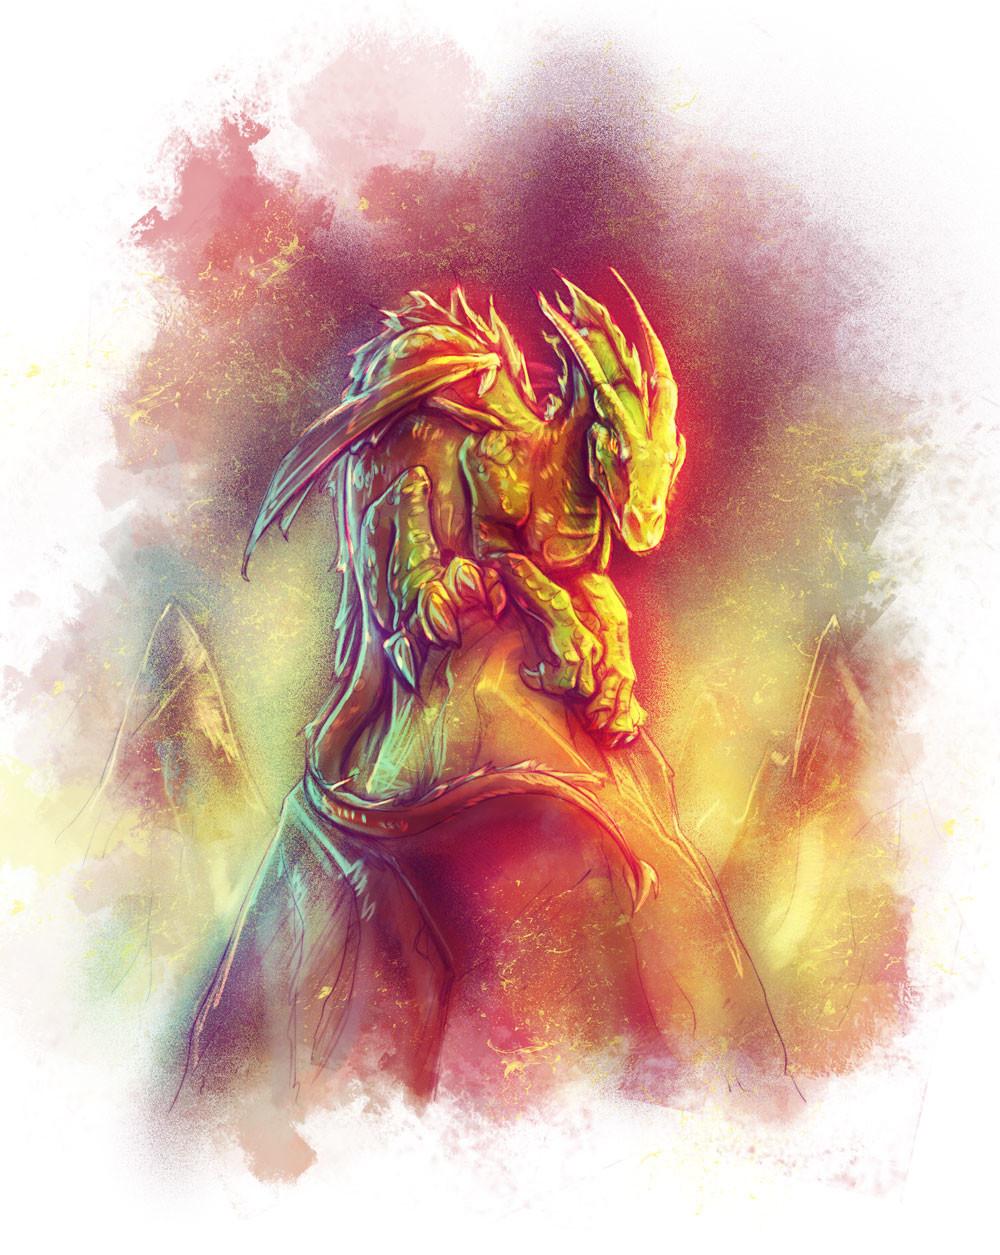 Iva vyhnankova drak3